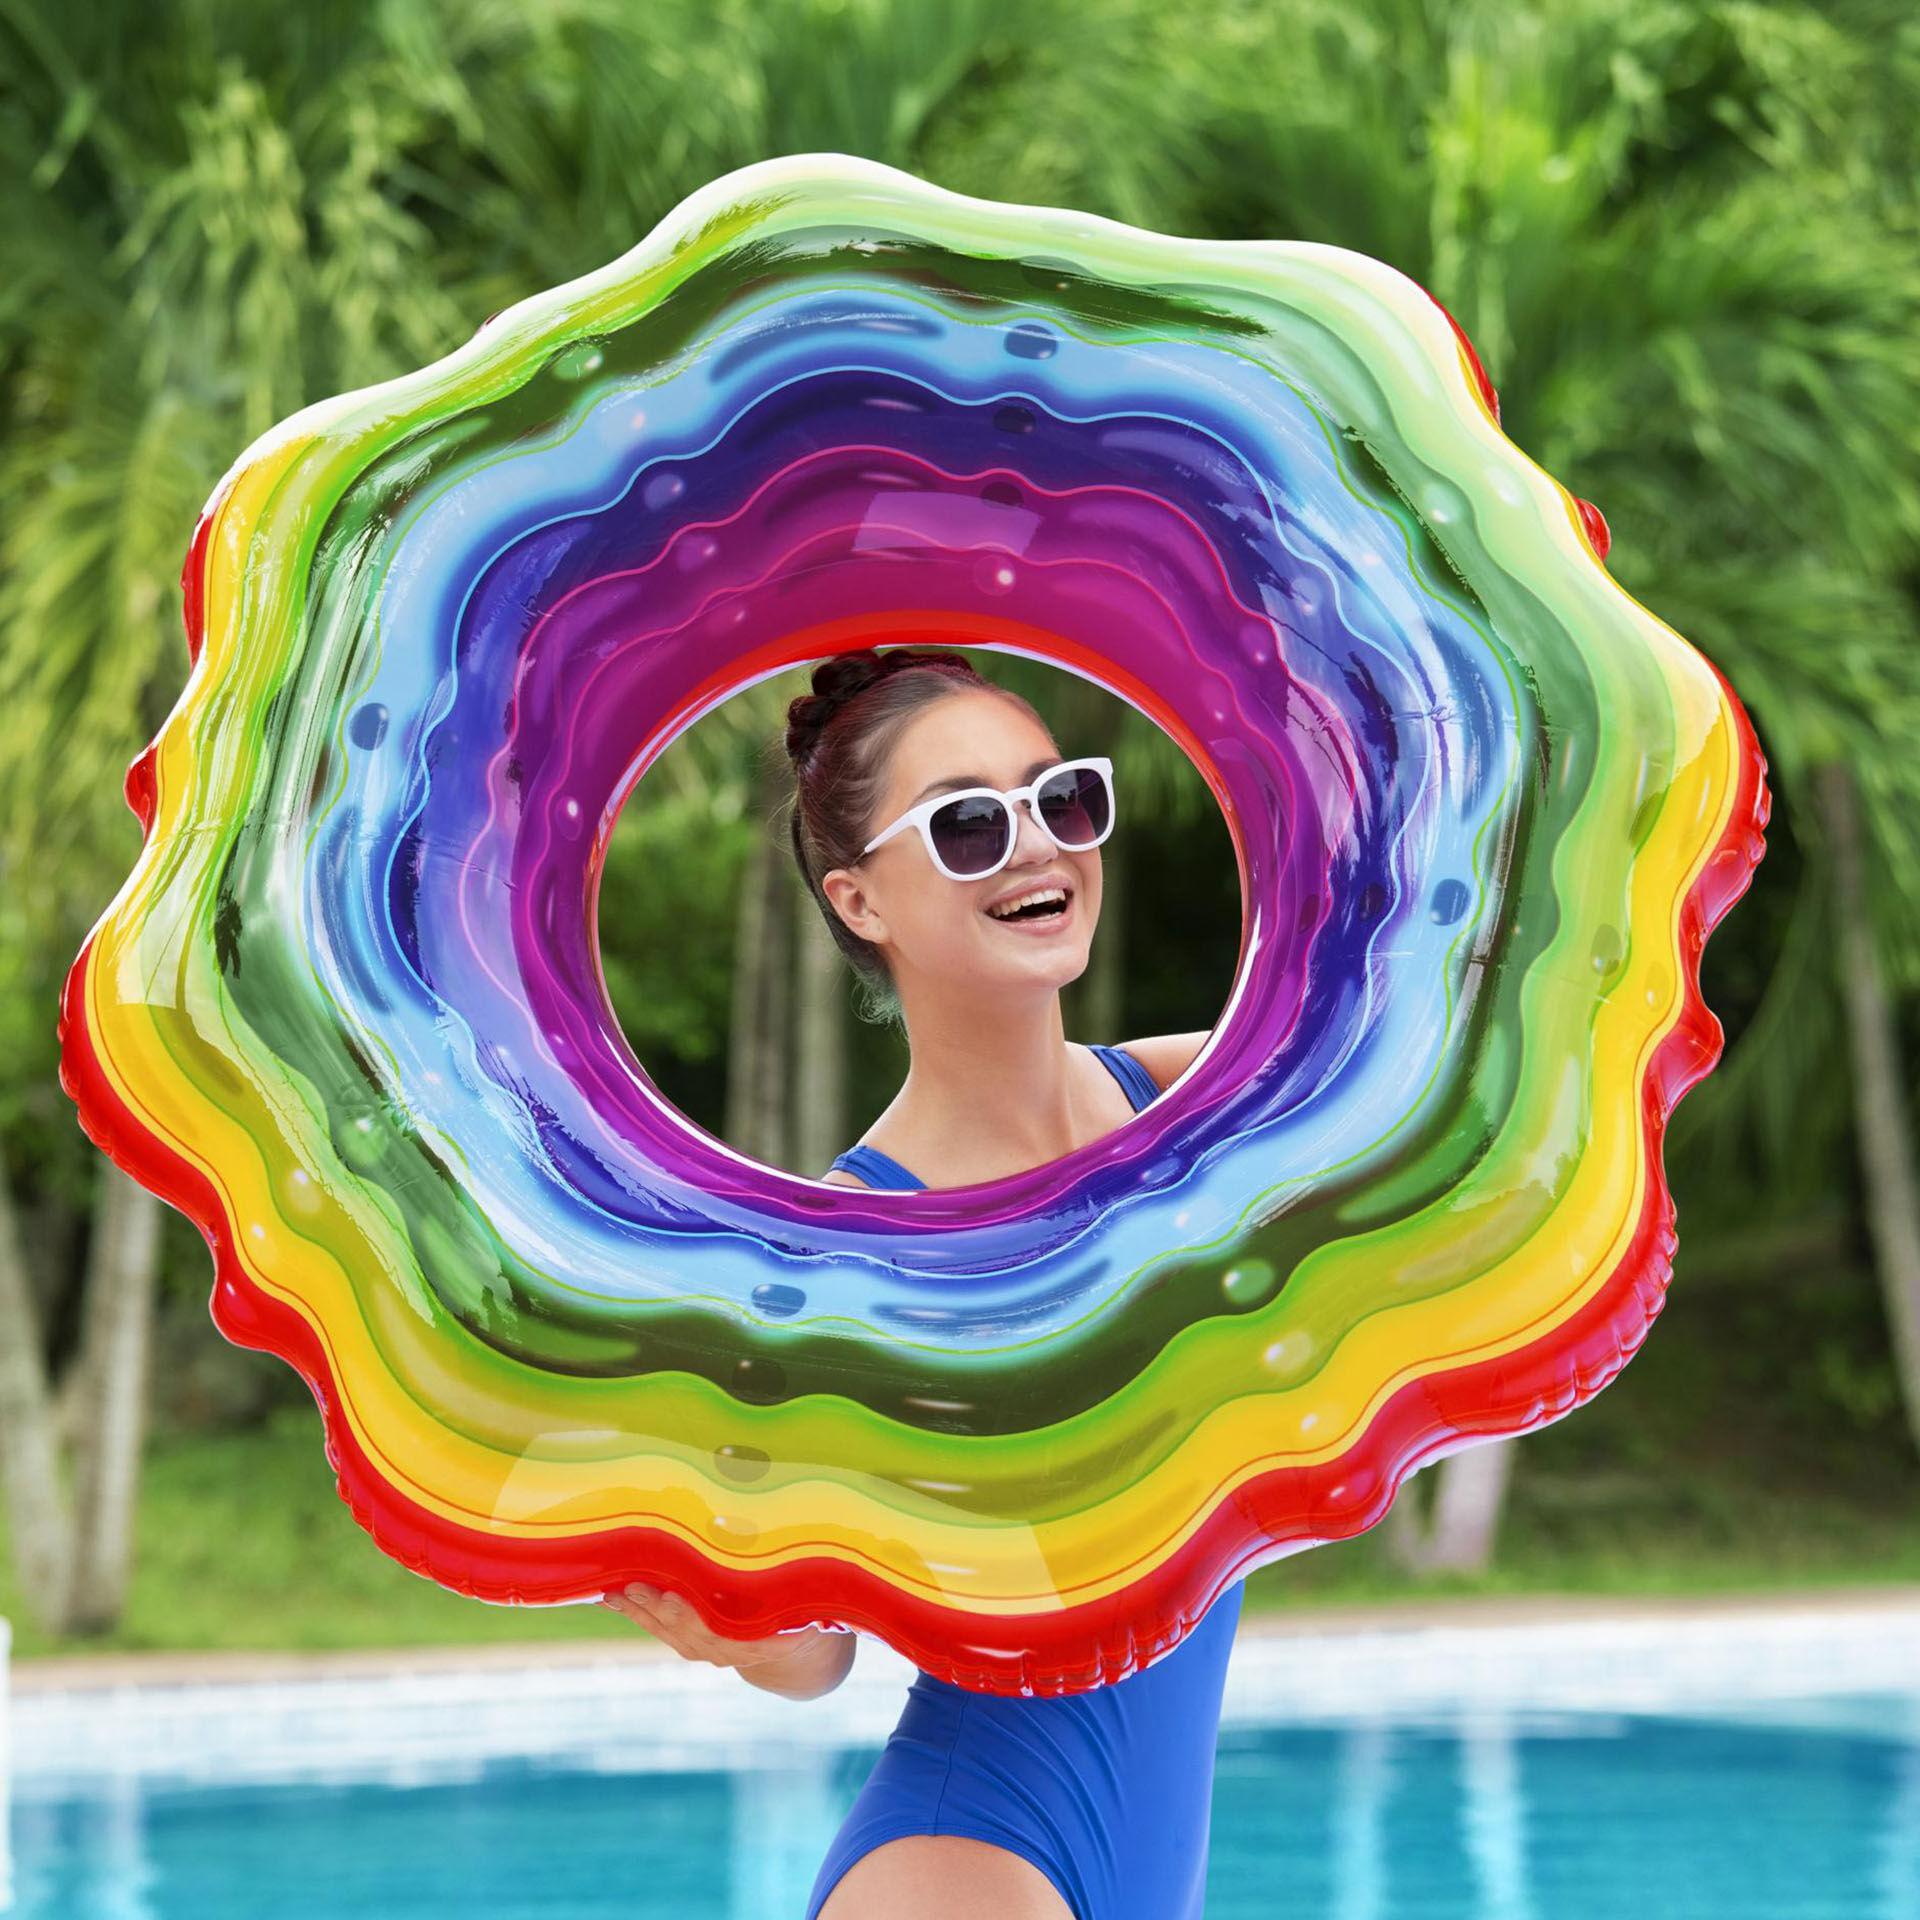 Bouée gonflable - Gelée arc-en-ciel, , large